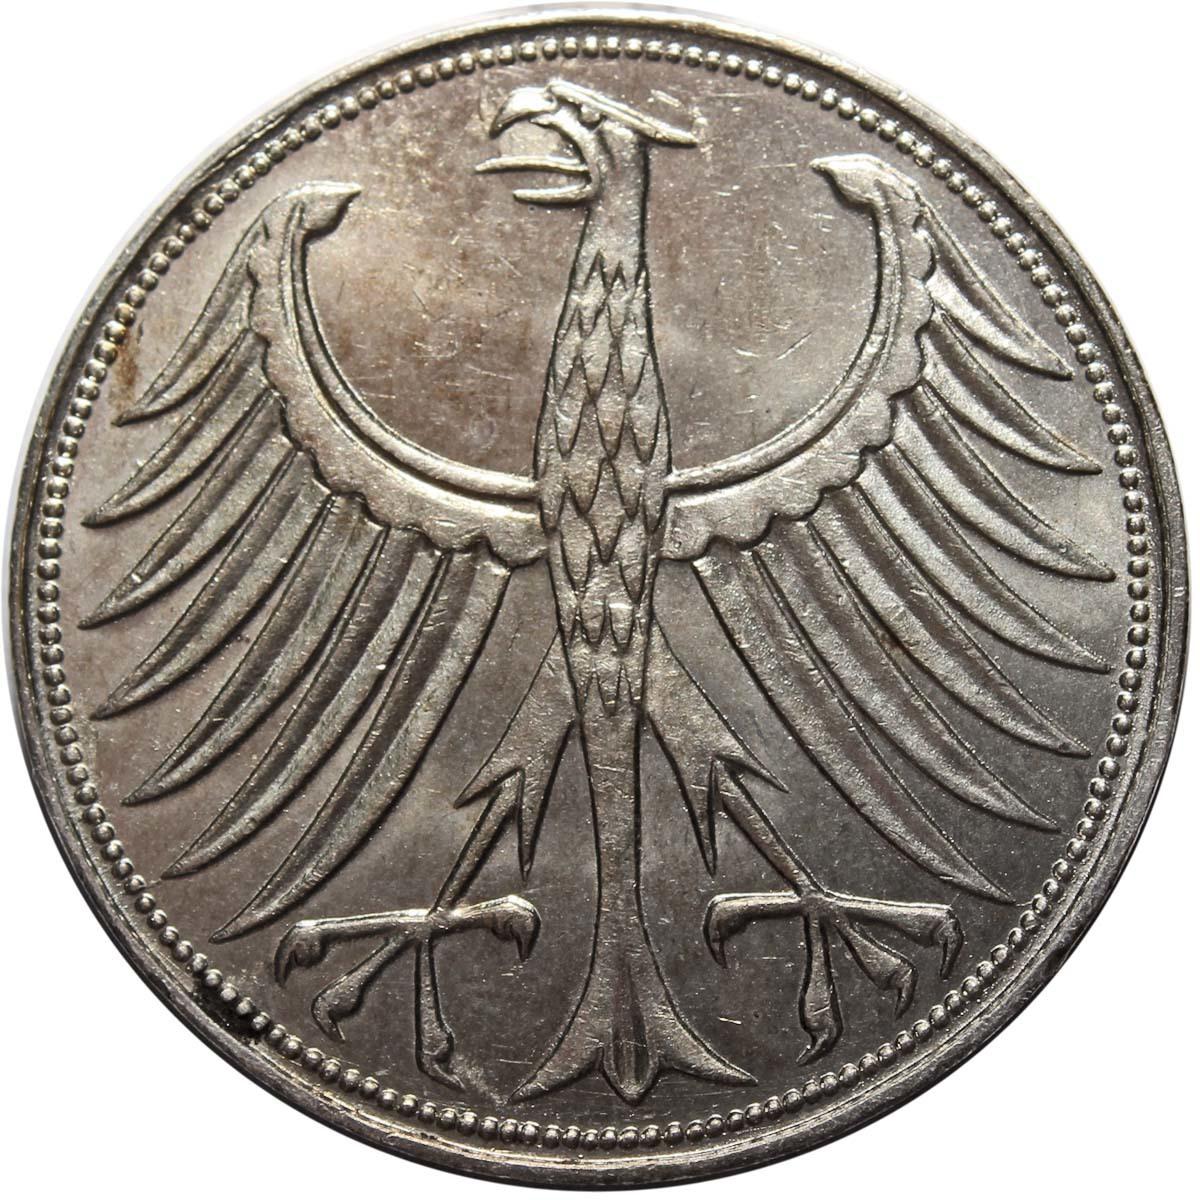 5 марок. Германия. (J). Серебро. 1951 год. XF-AU